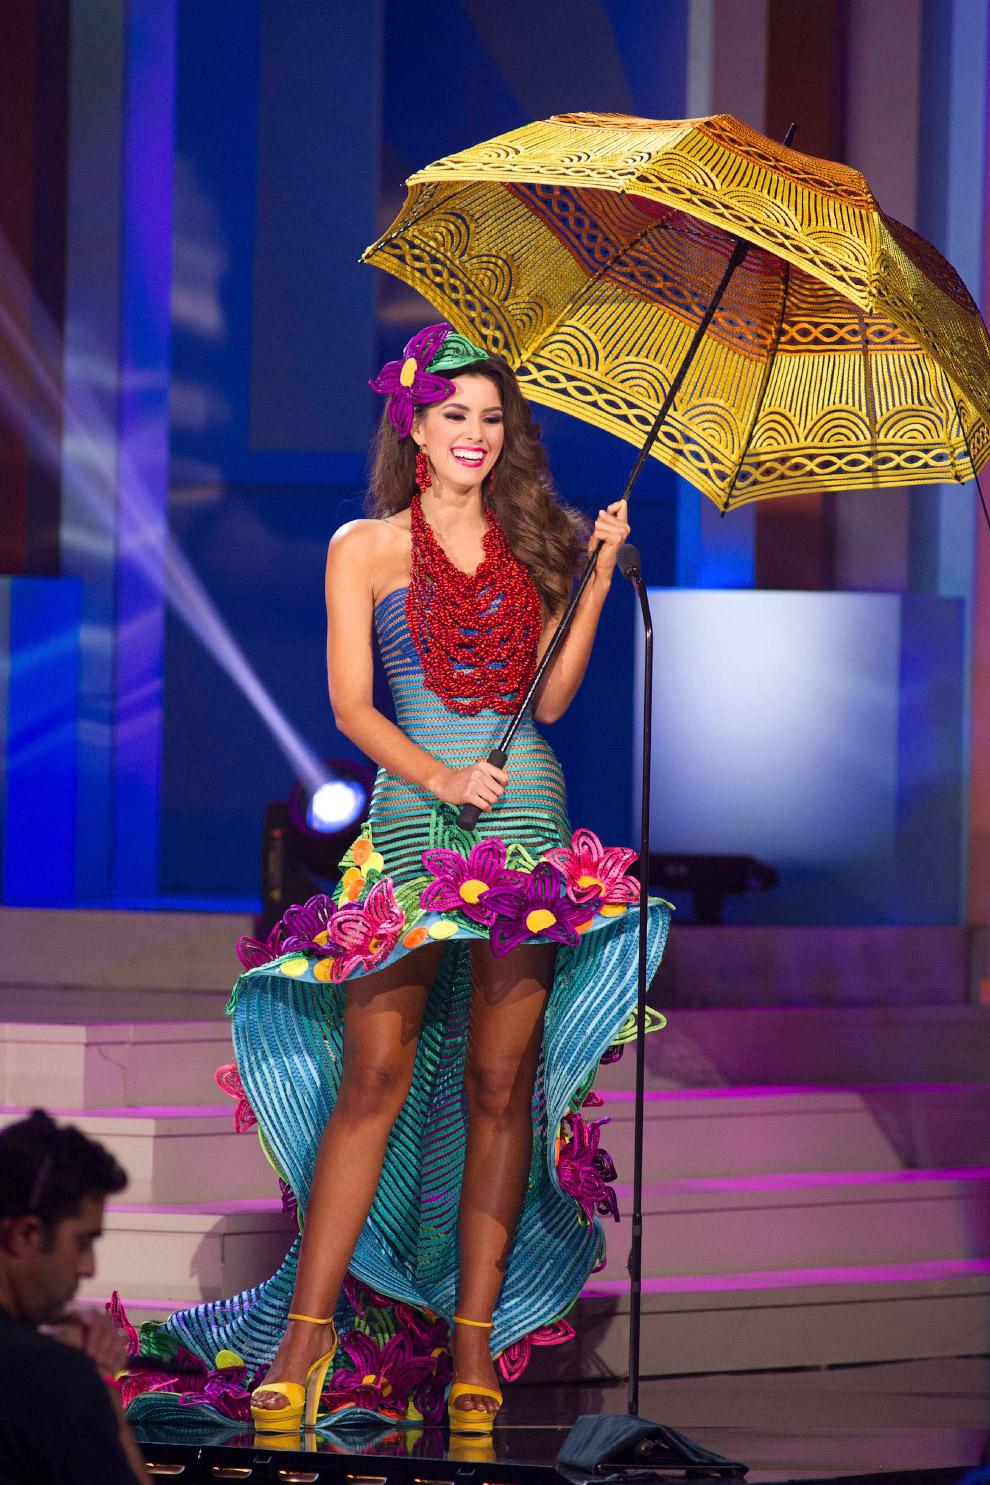 Победительница конкурса Паулине Вега из Колумбии